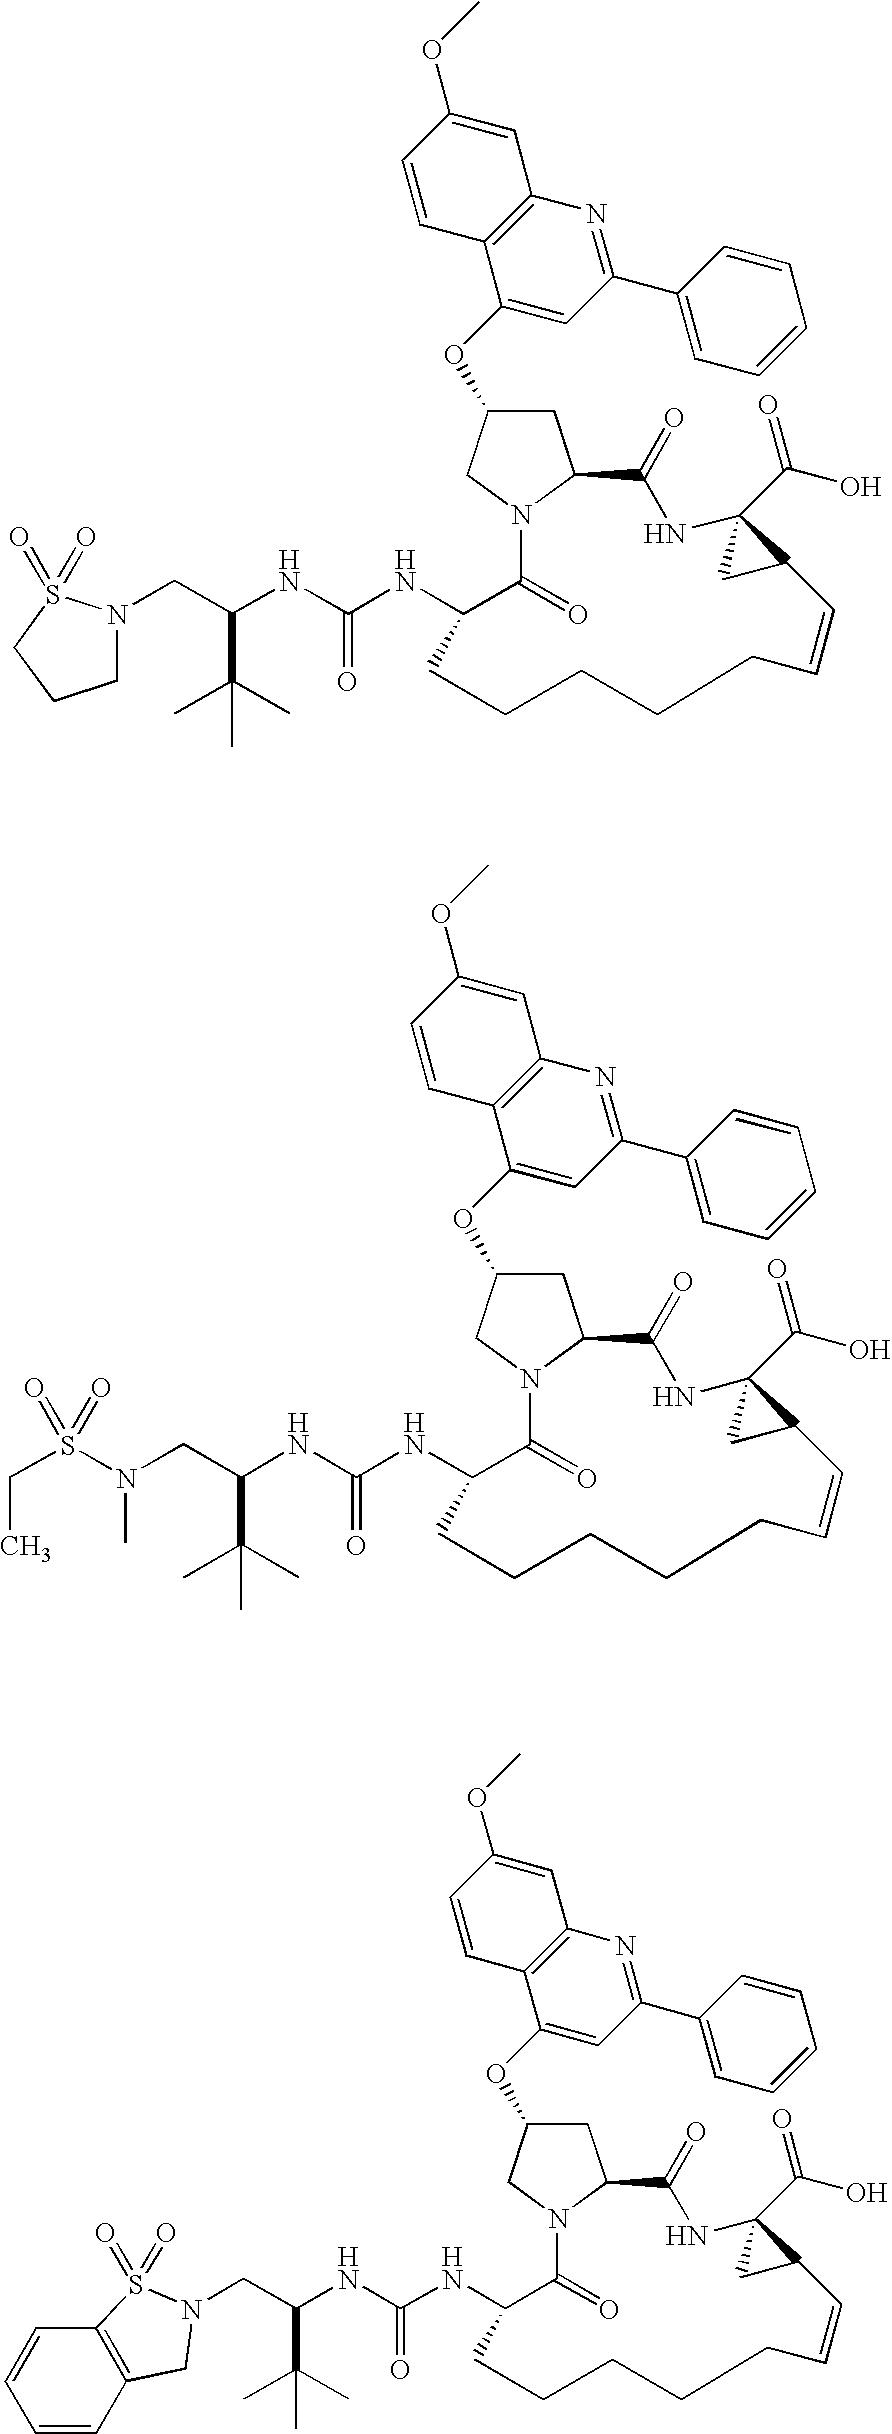 Figure US20060287248A1-20061221-C00168